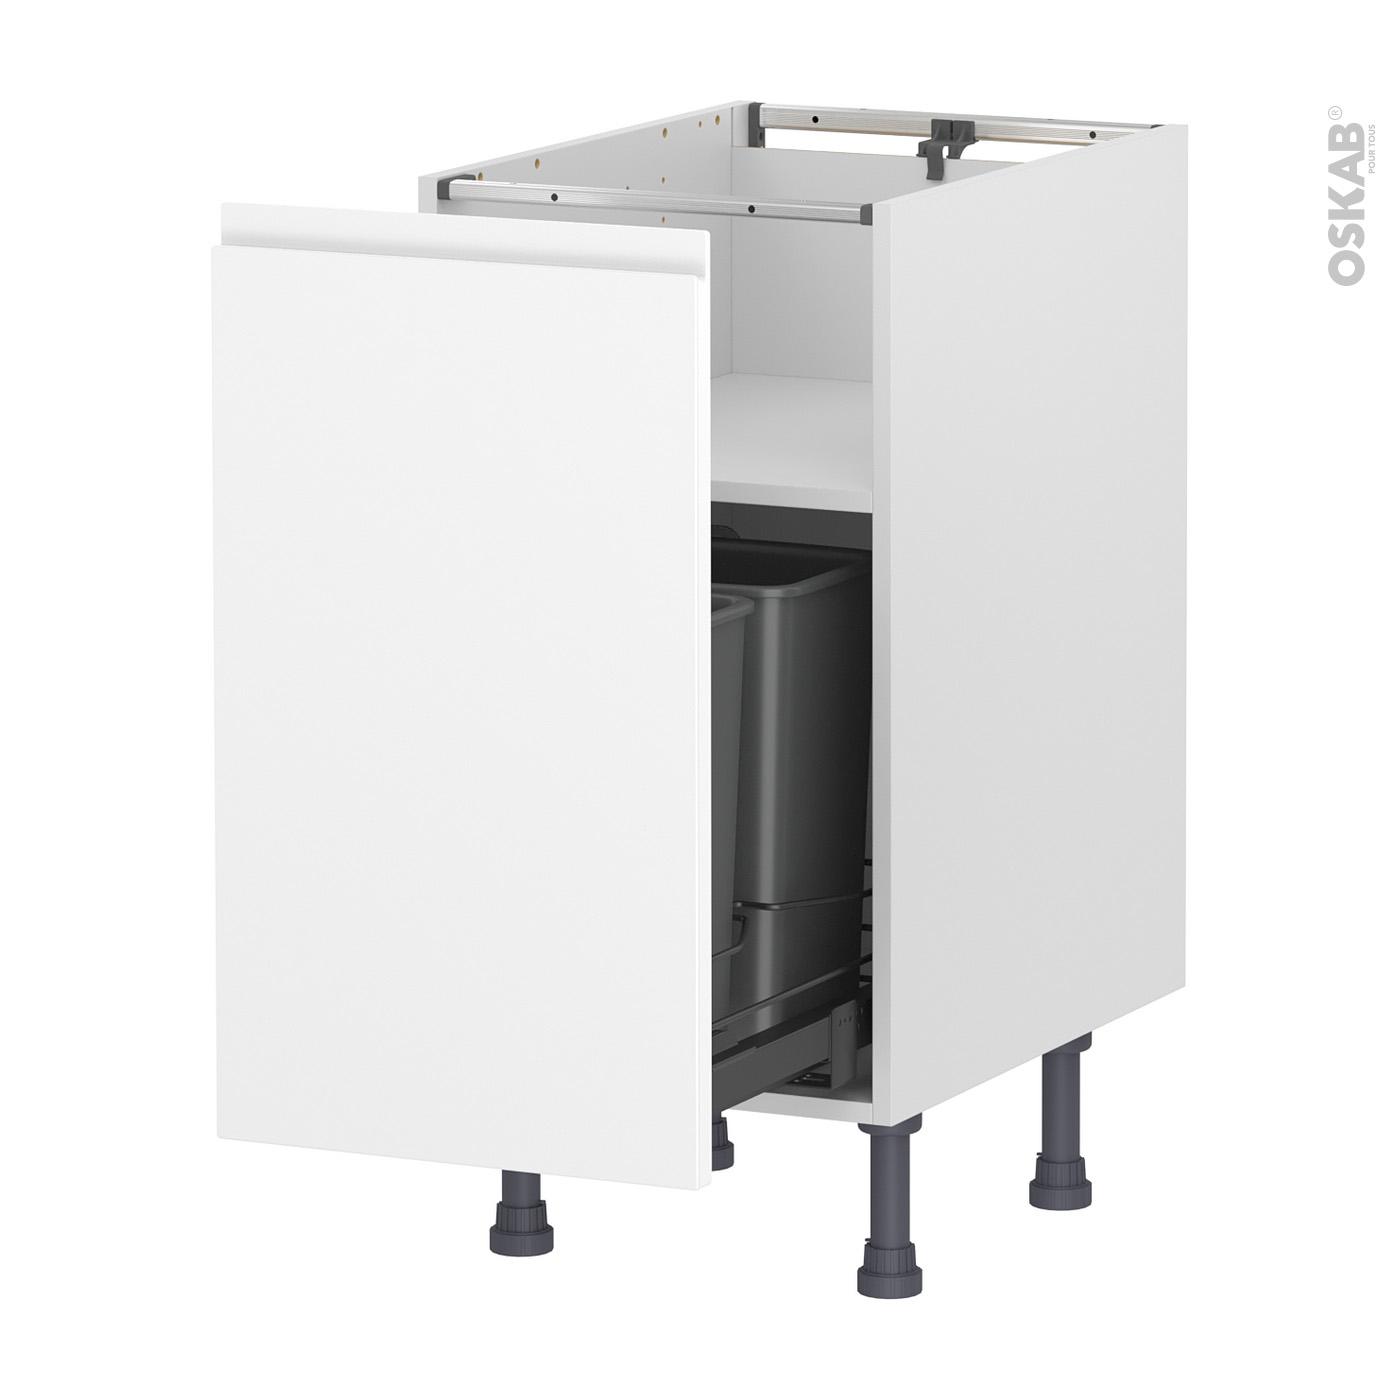 Meuble Cache Poubelle Interieur meuble de cuisine poubelle coulissante ipoma blanc mat, 1 porte, l40 x h70  x p58 cm